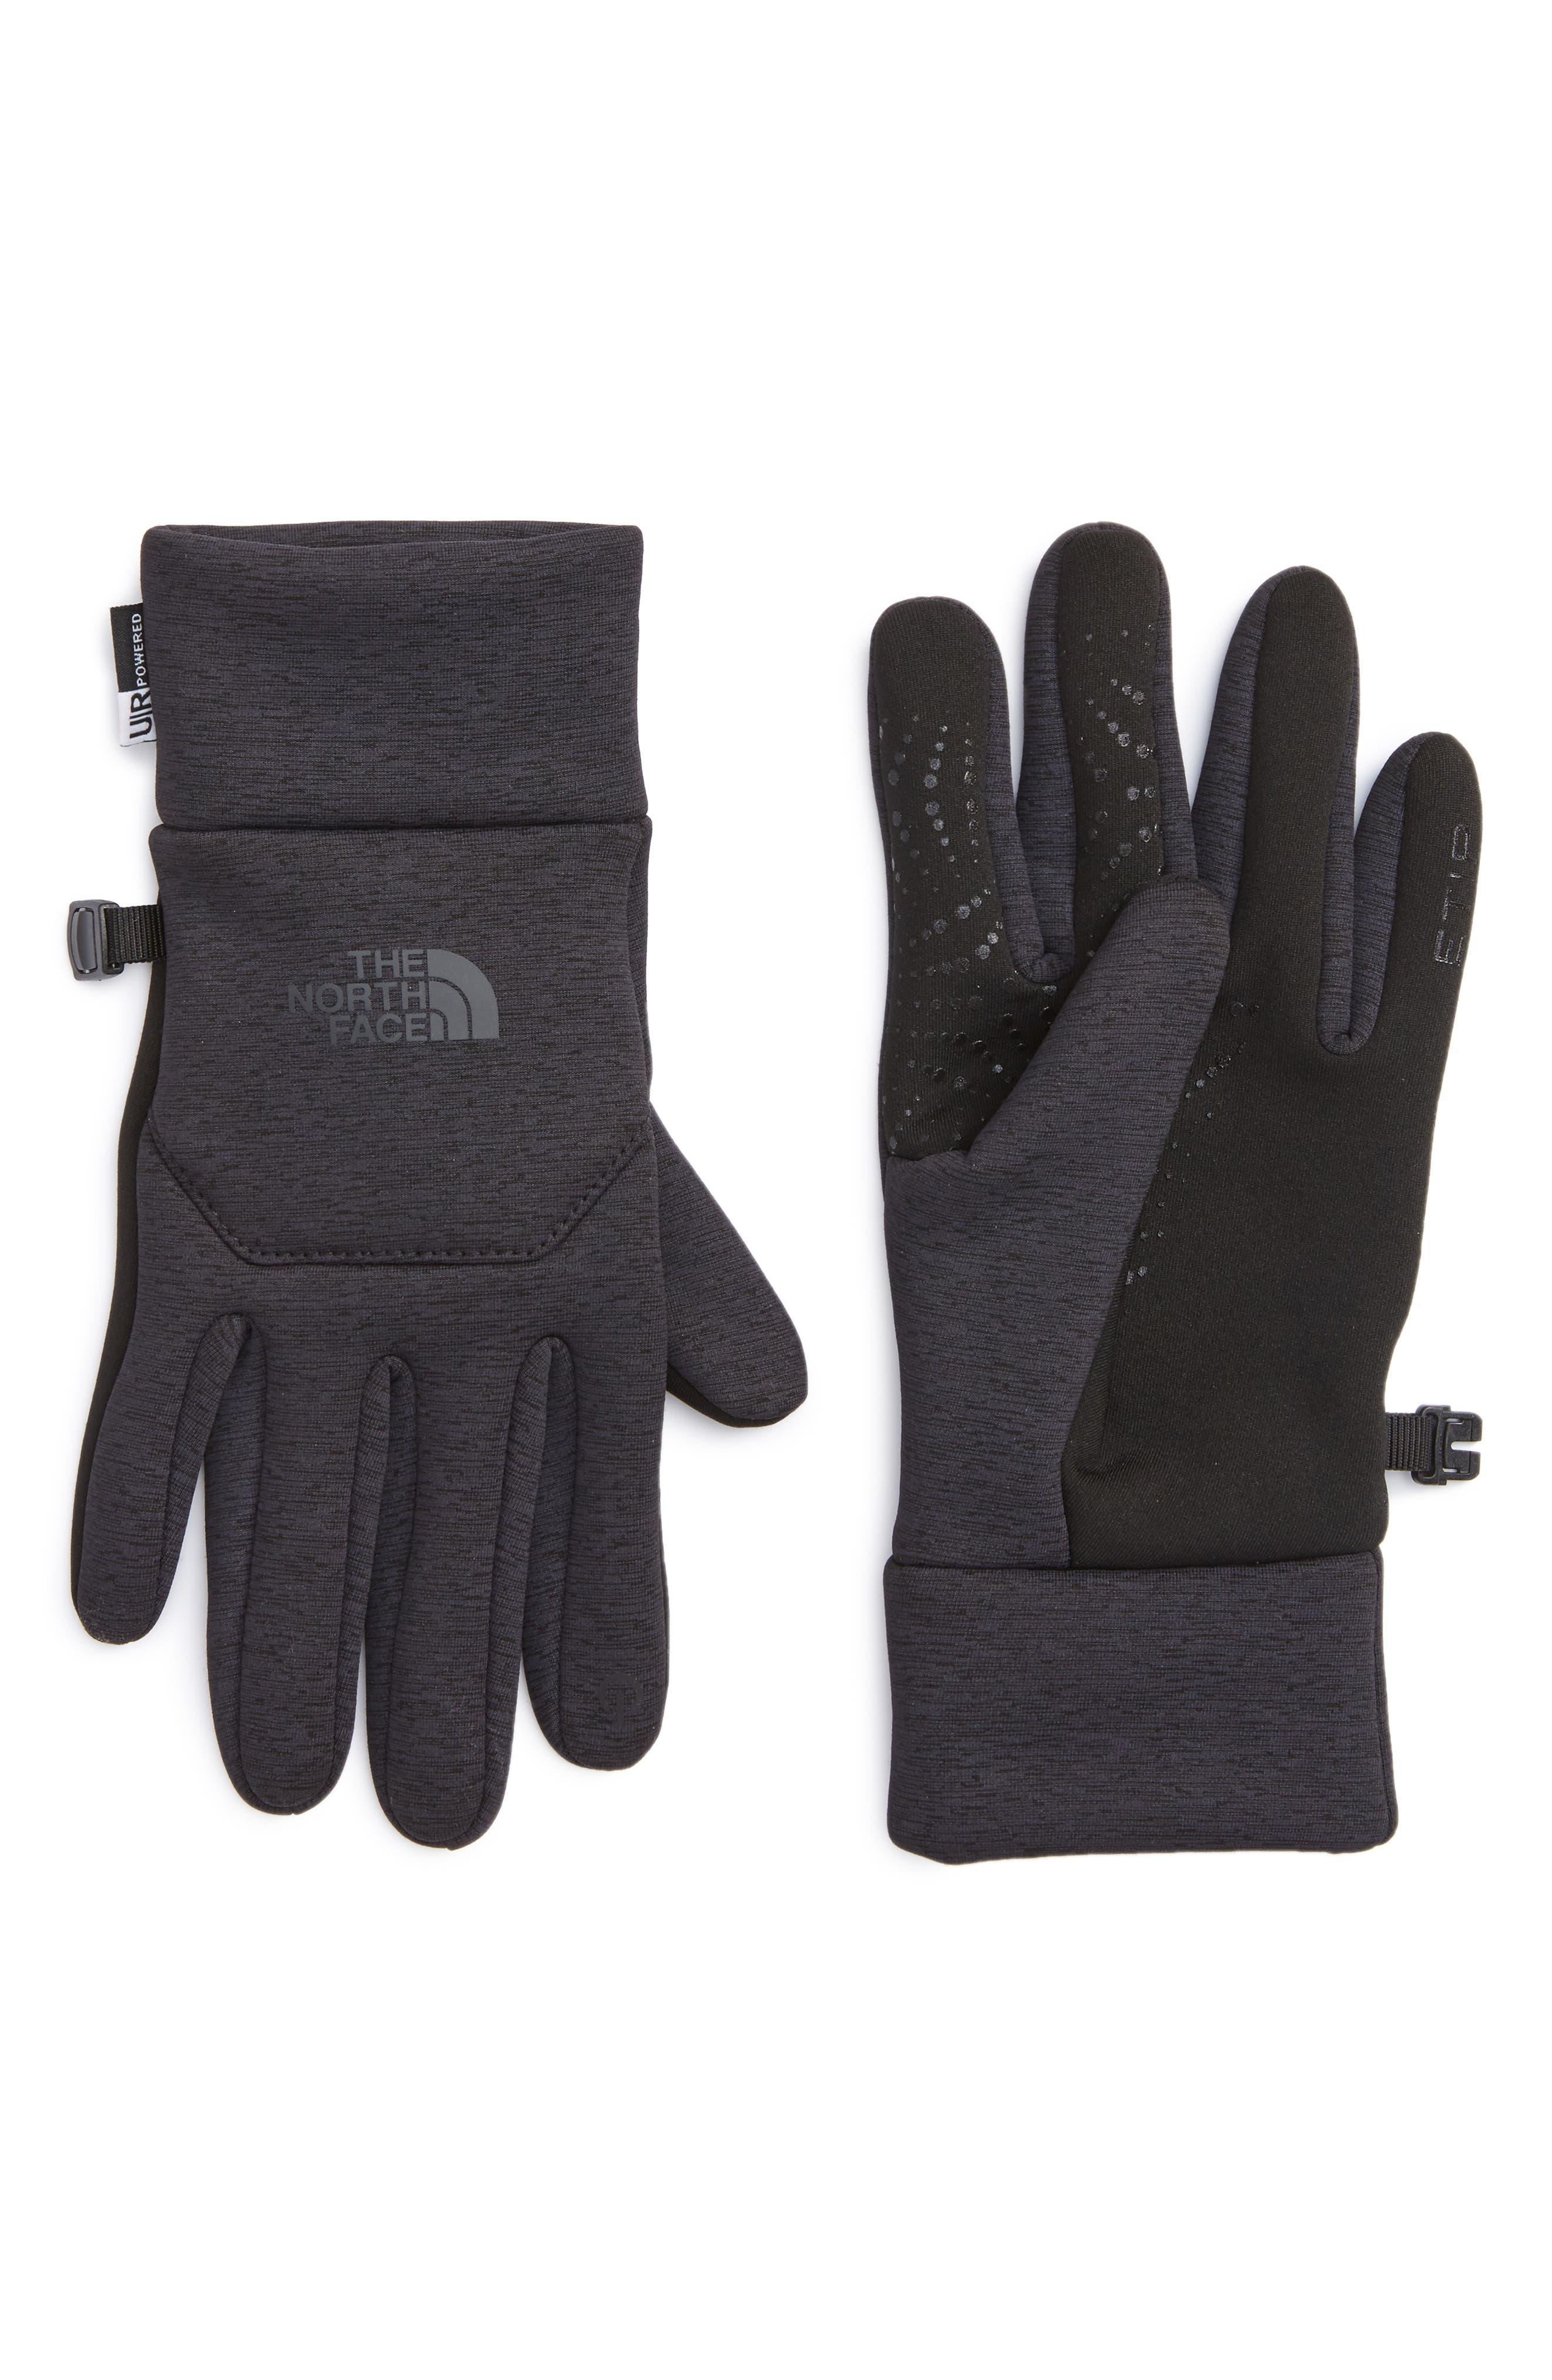 'E-Tip' Fleece Tech Gloves,                         Main,                         color, Tnf Black Heather Print